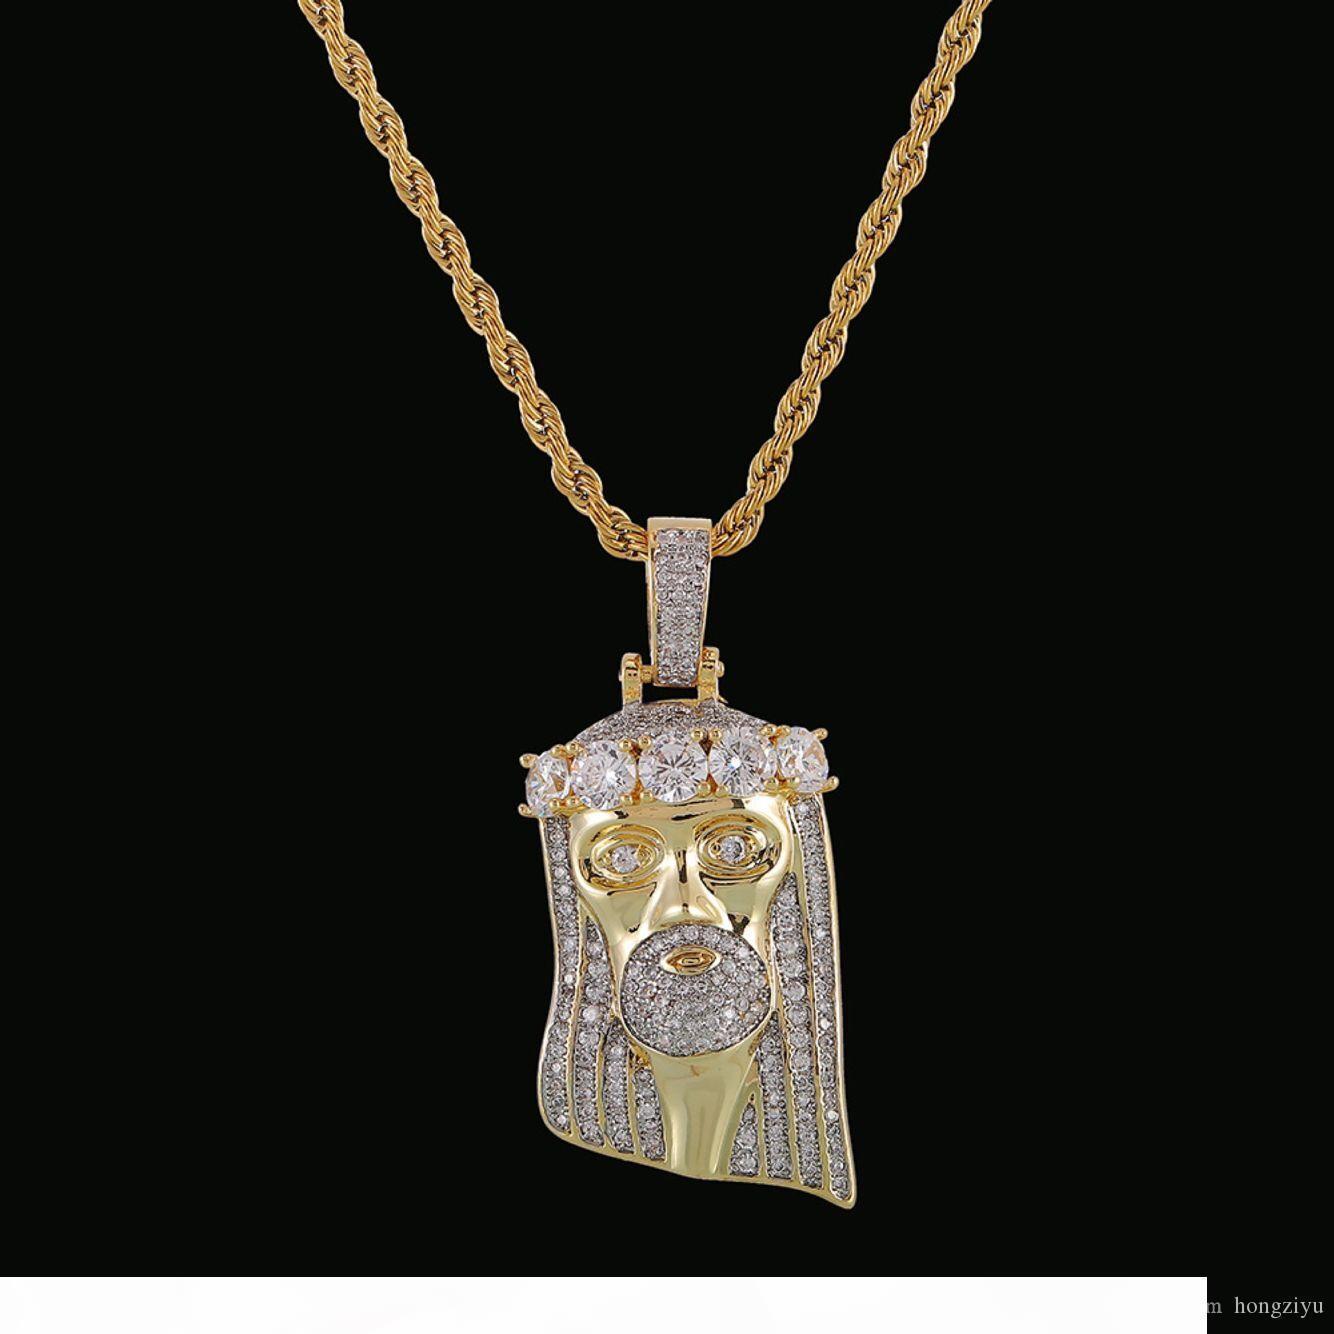 Hot Vendeur religieux Hip Hop de Jésus collier pendentif hommes Bijoux gratuit Corde Chaîne de couleur d'or bling cubique Zircon pour cadeau